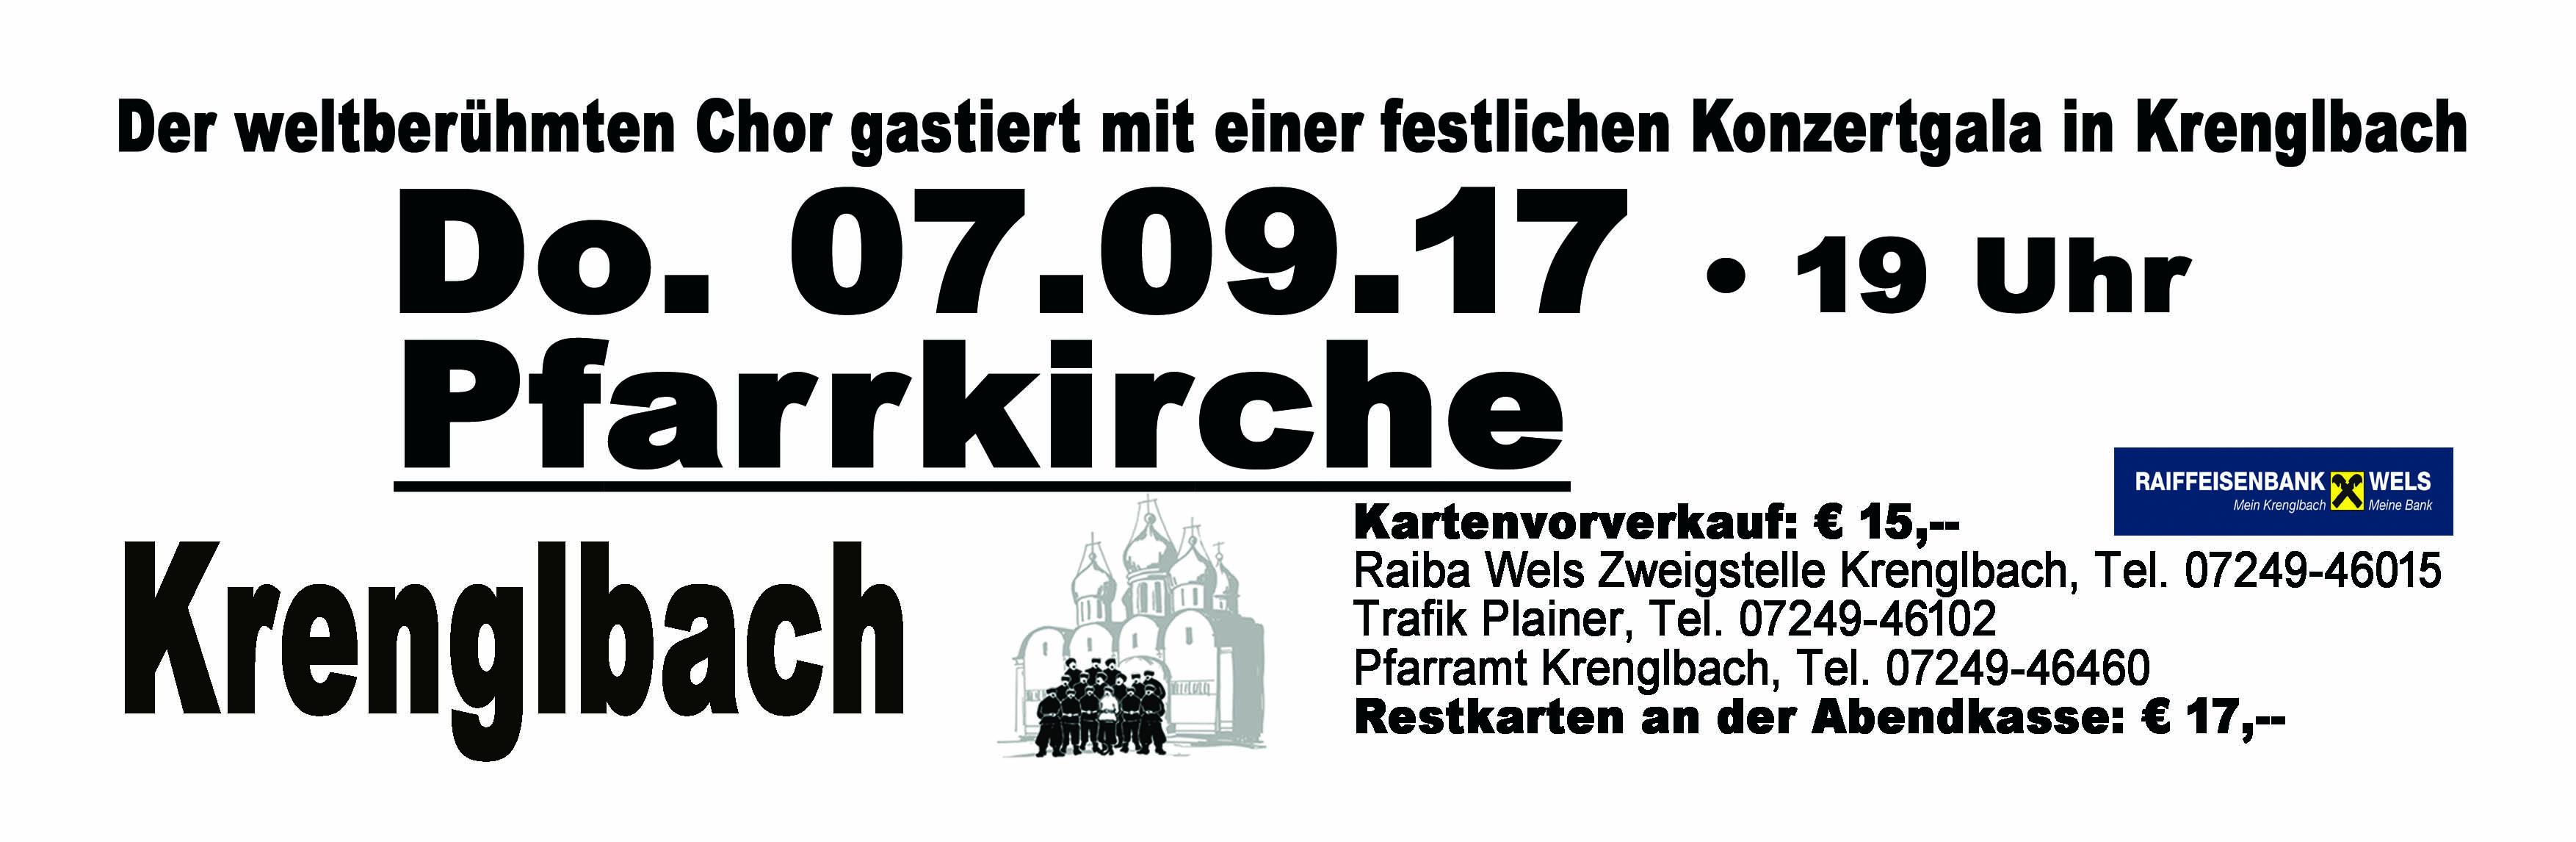 Don Kosaken Chor Serge Jaroff* Don Kozakken Koor - Ich Bete An Die Macht Der Liebe / Rette, O Gott, Dein Volk